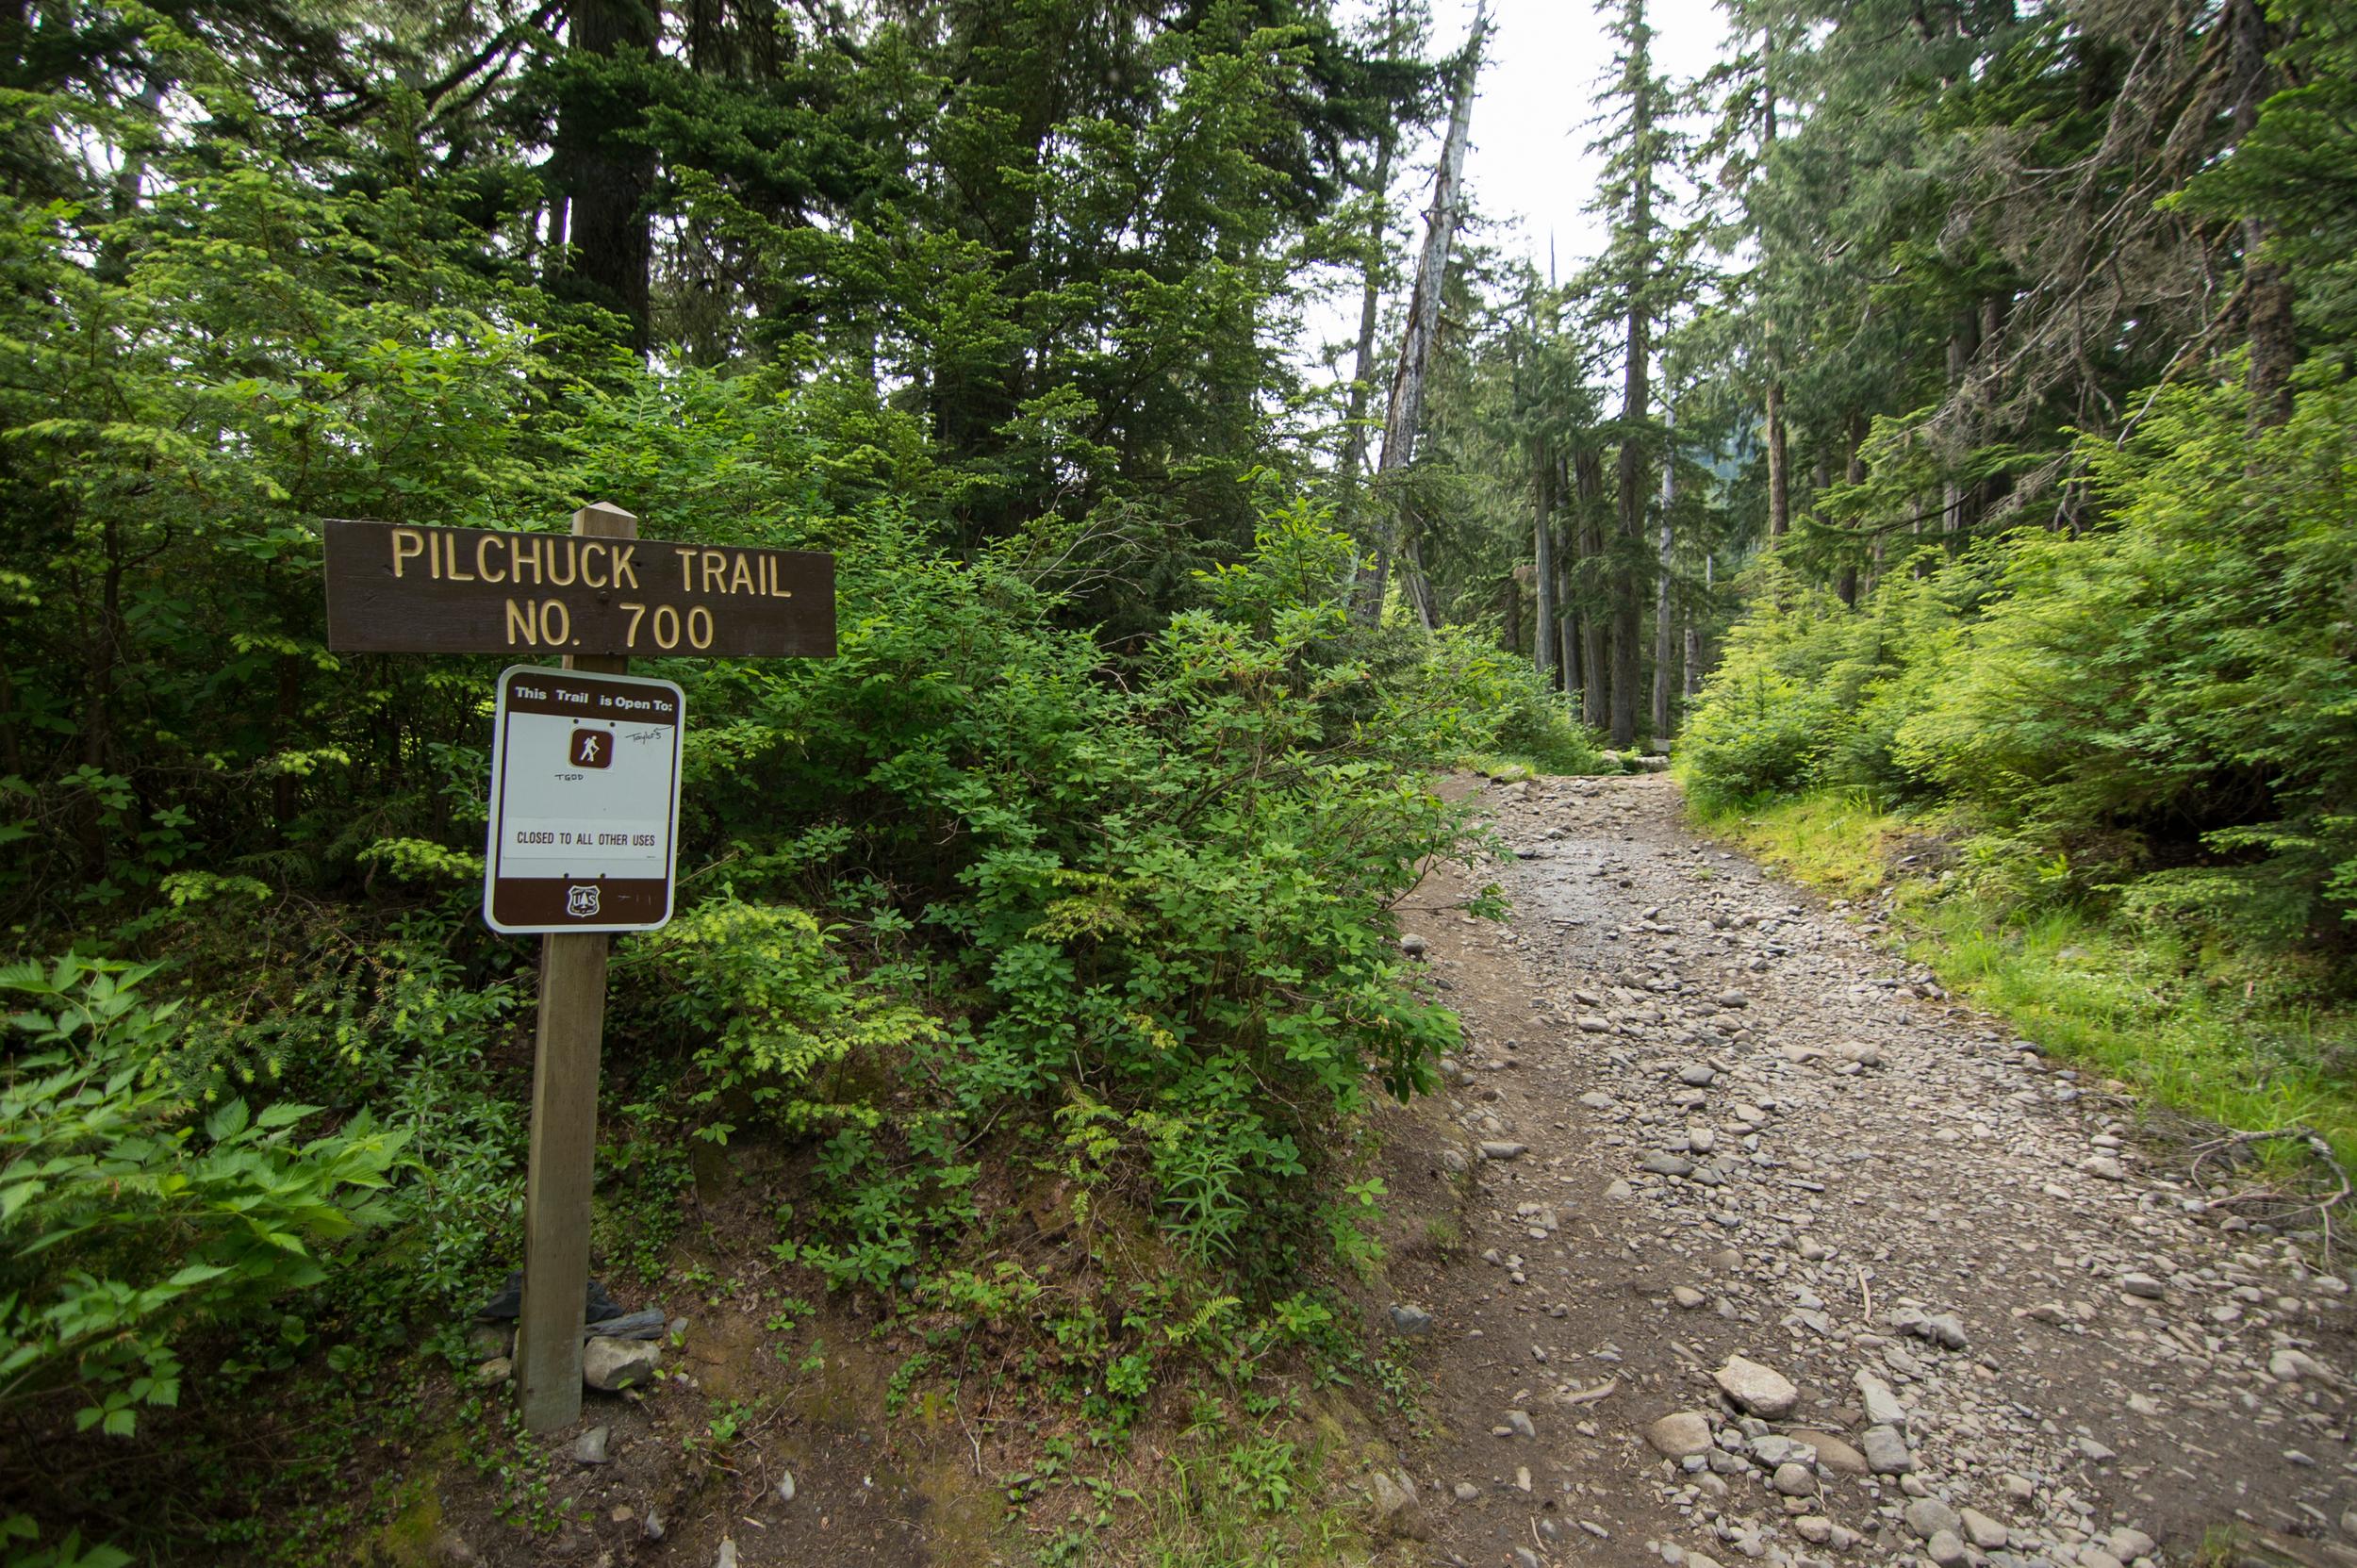 Mount_Pilchuck-4.jpg